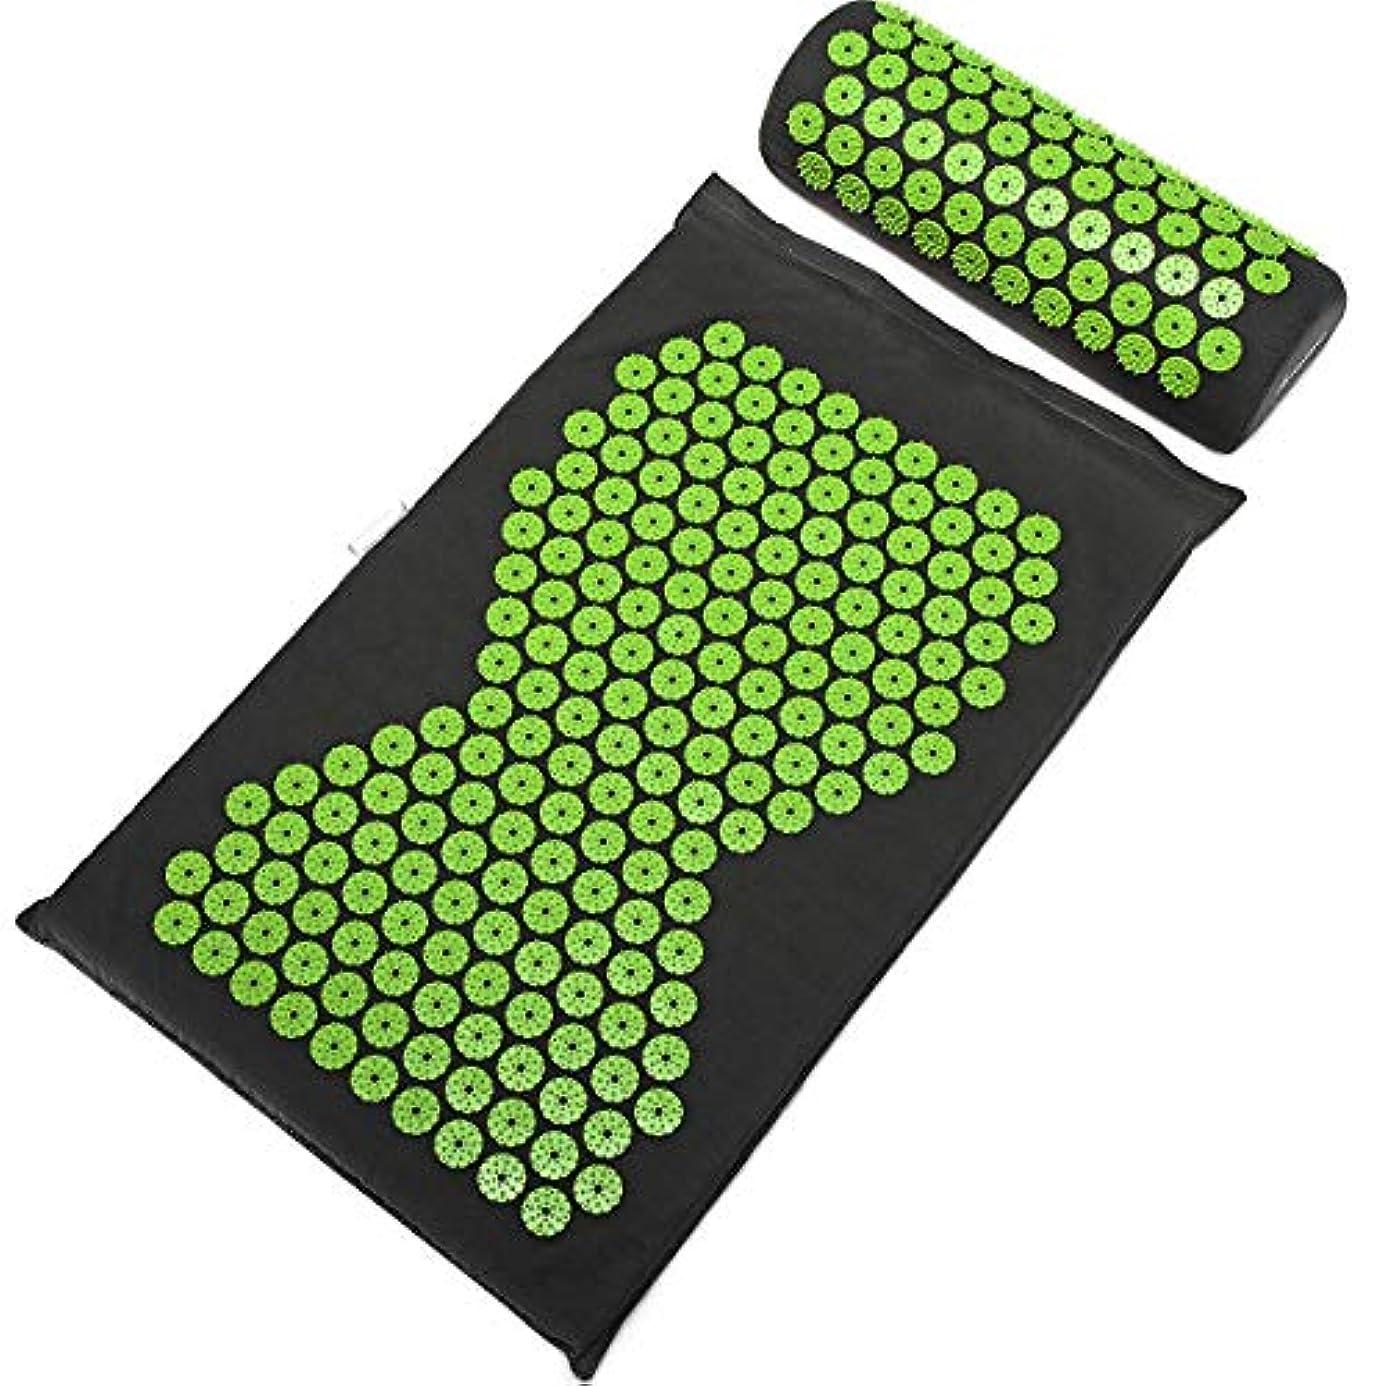 Sulida ヨガマット マッサージマパッド ストラップ付き マッサージ枕 トレーニングマット 睡眠改善 自宅運動 マット 高密度 持ち運び 滑り止め 血行促進 収納簡単 エコ グリップ力 クッション性